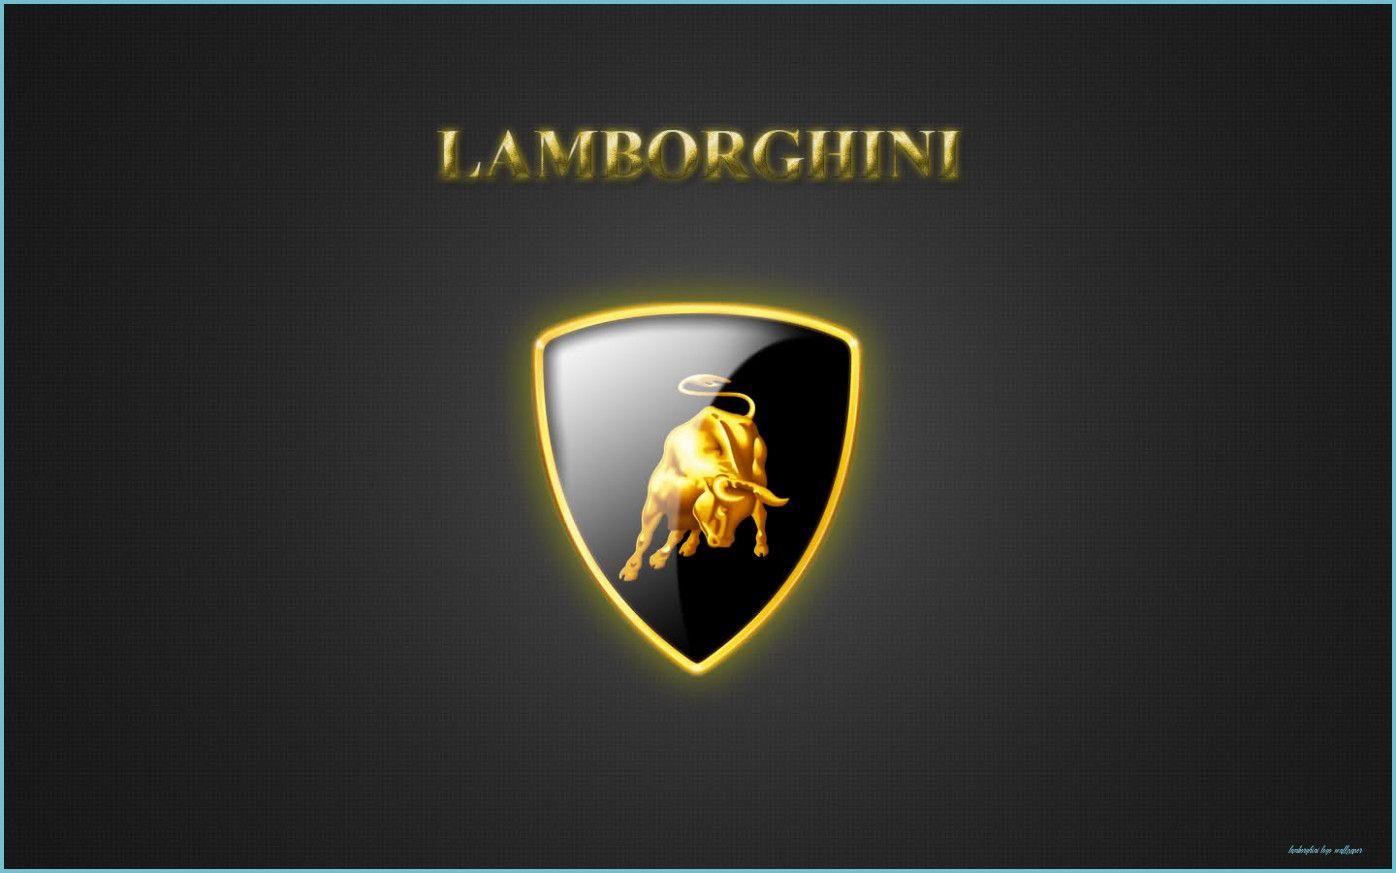 13+ Lamborghini logo hd 4k trends